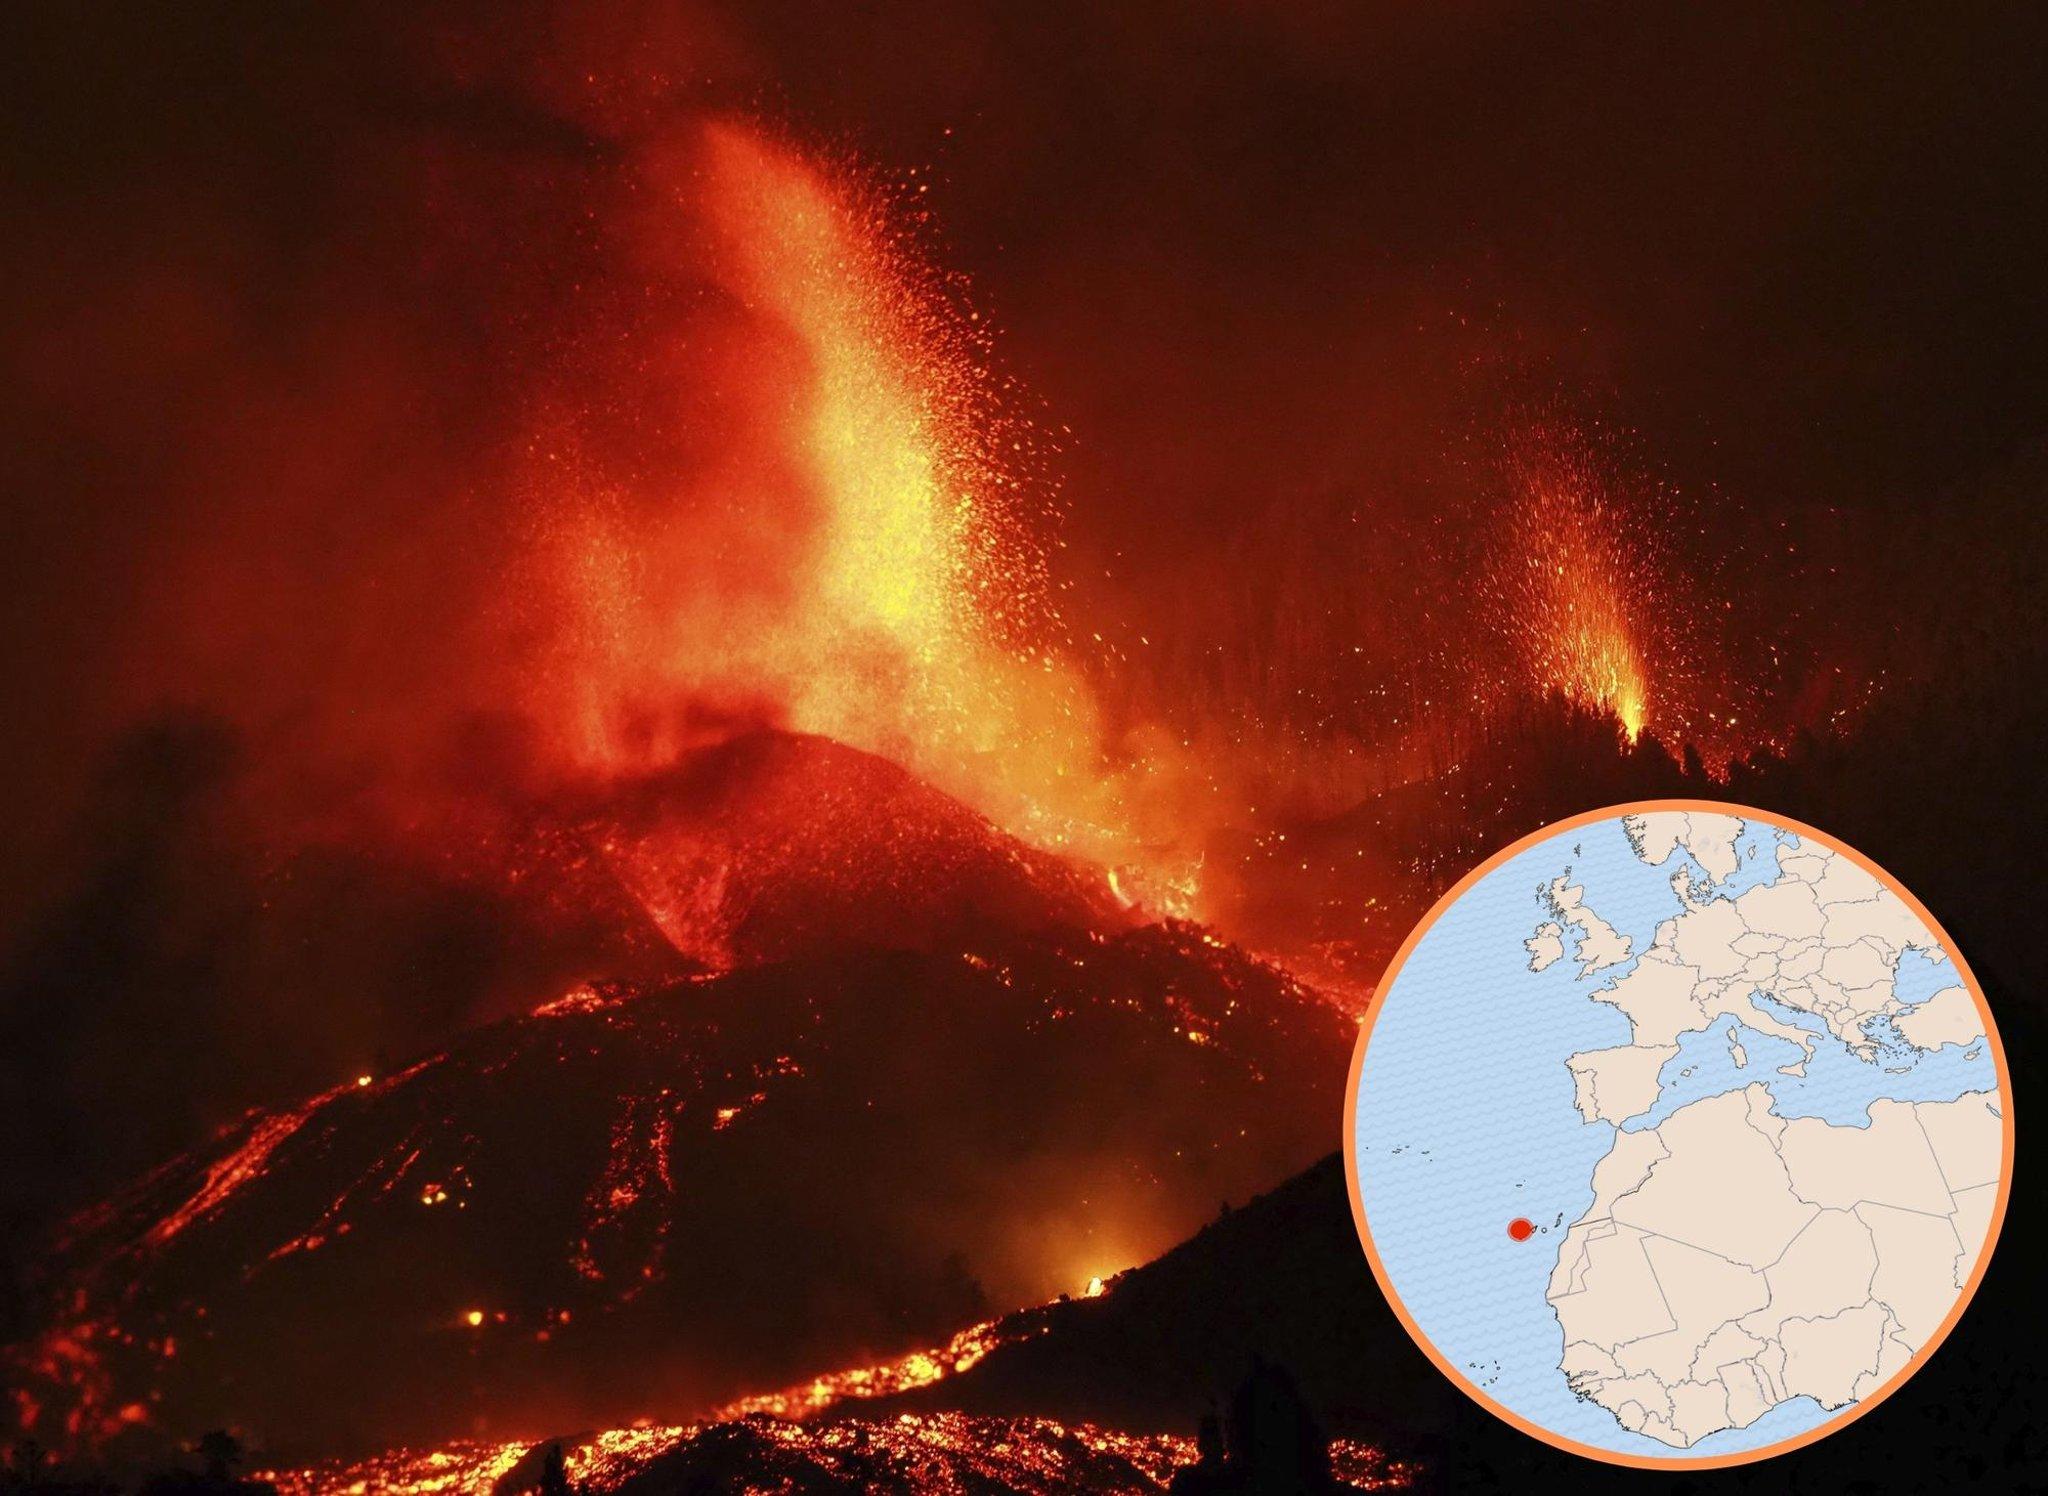 Gunung berapi La Palma: Di mana La Palma?  Peta menunjukkan di mana letusan gunung berapi Kepulauan Canary – dan apakah itu akan menyebabkan tsunami?